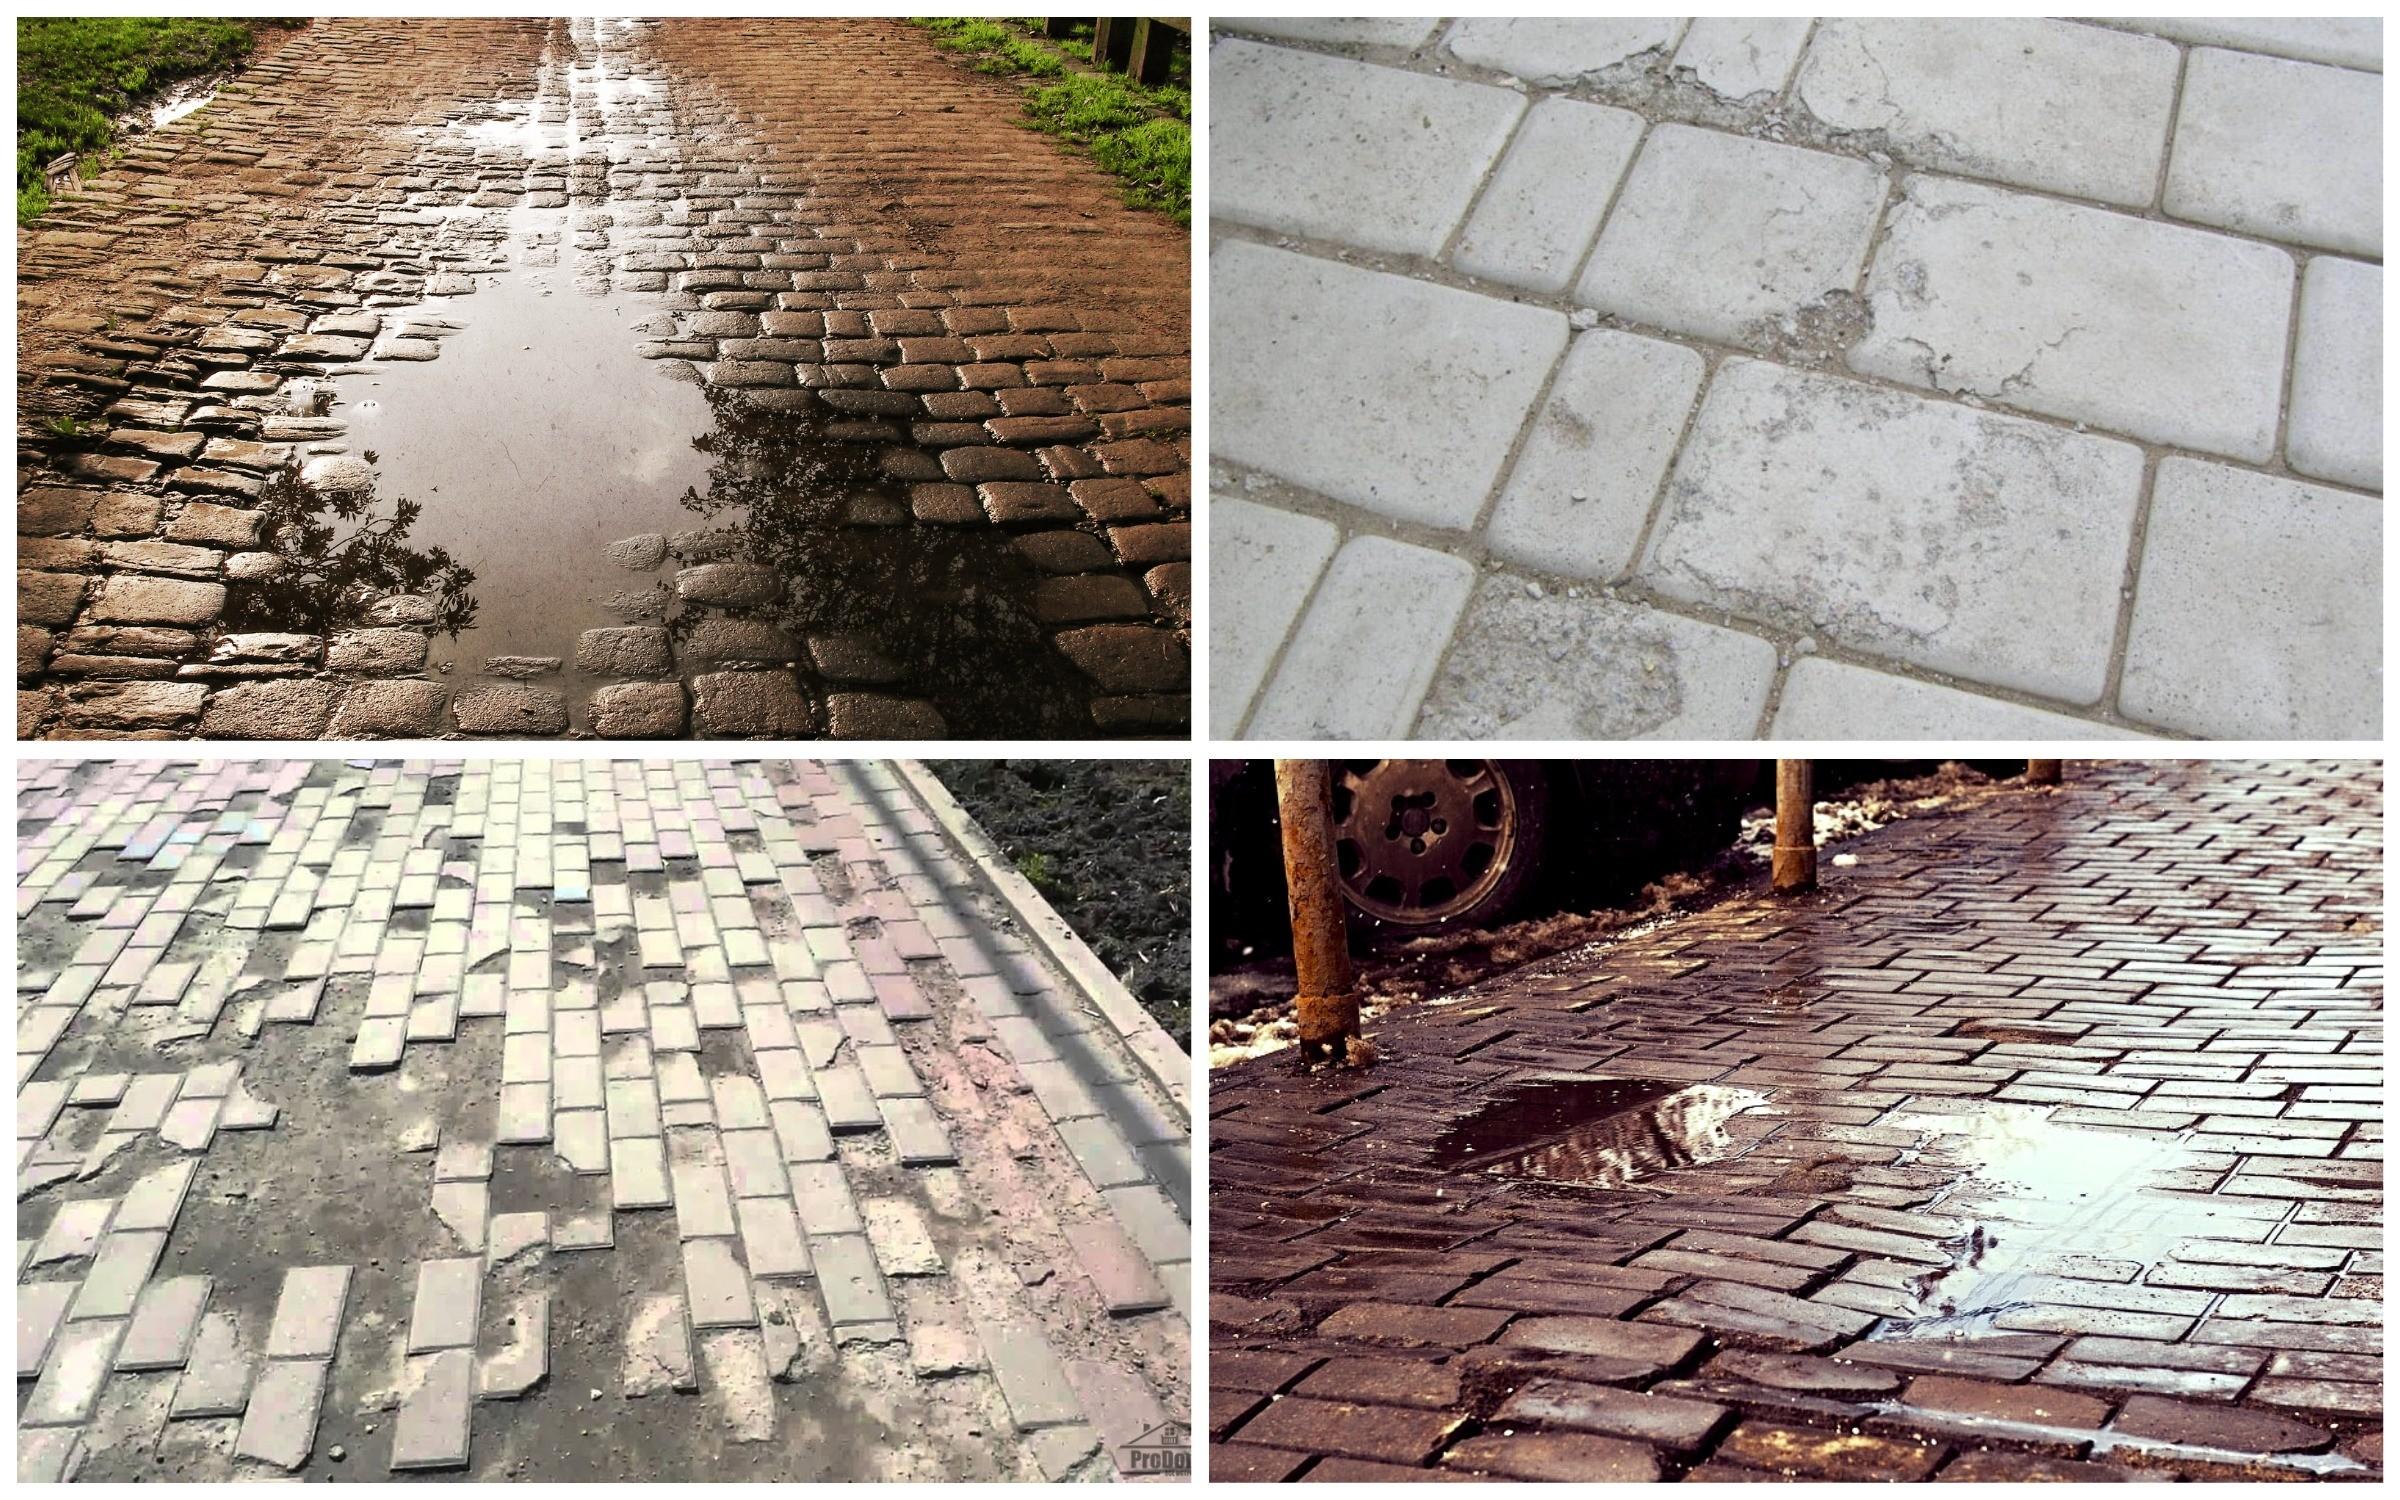 изображение разрушения от воды тротуарной плитки